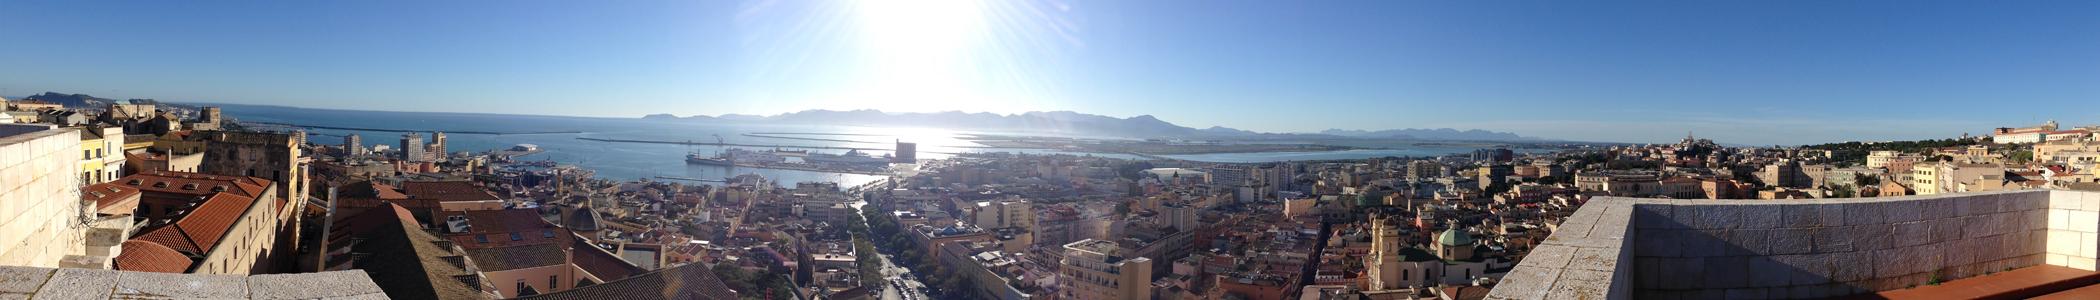 Cagliari - Wikivoyage, guida turistica di viaggio